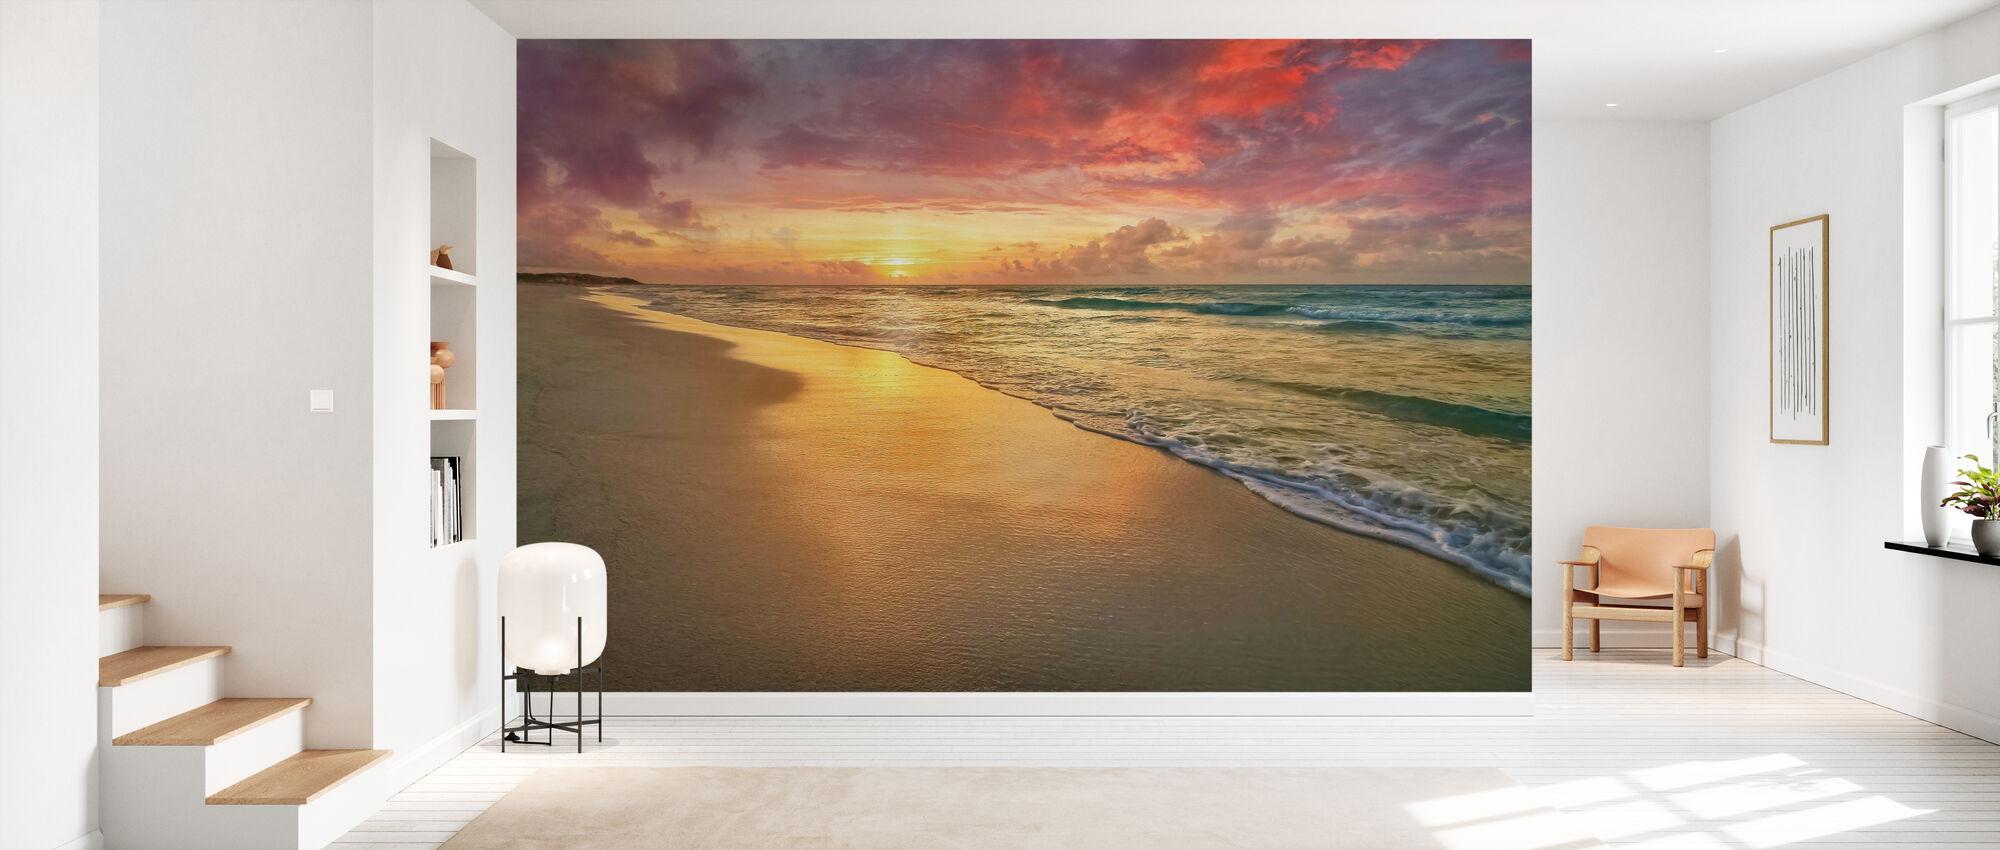 Sunset Beach - Wallpaper - Hallway